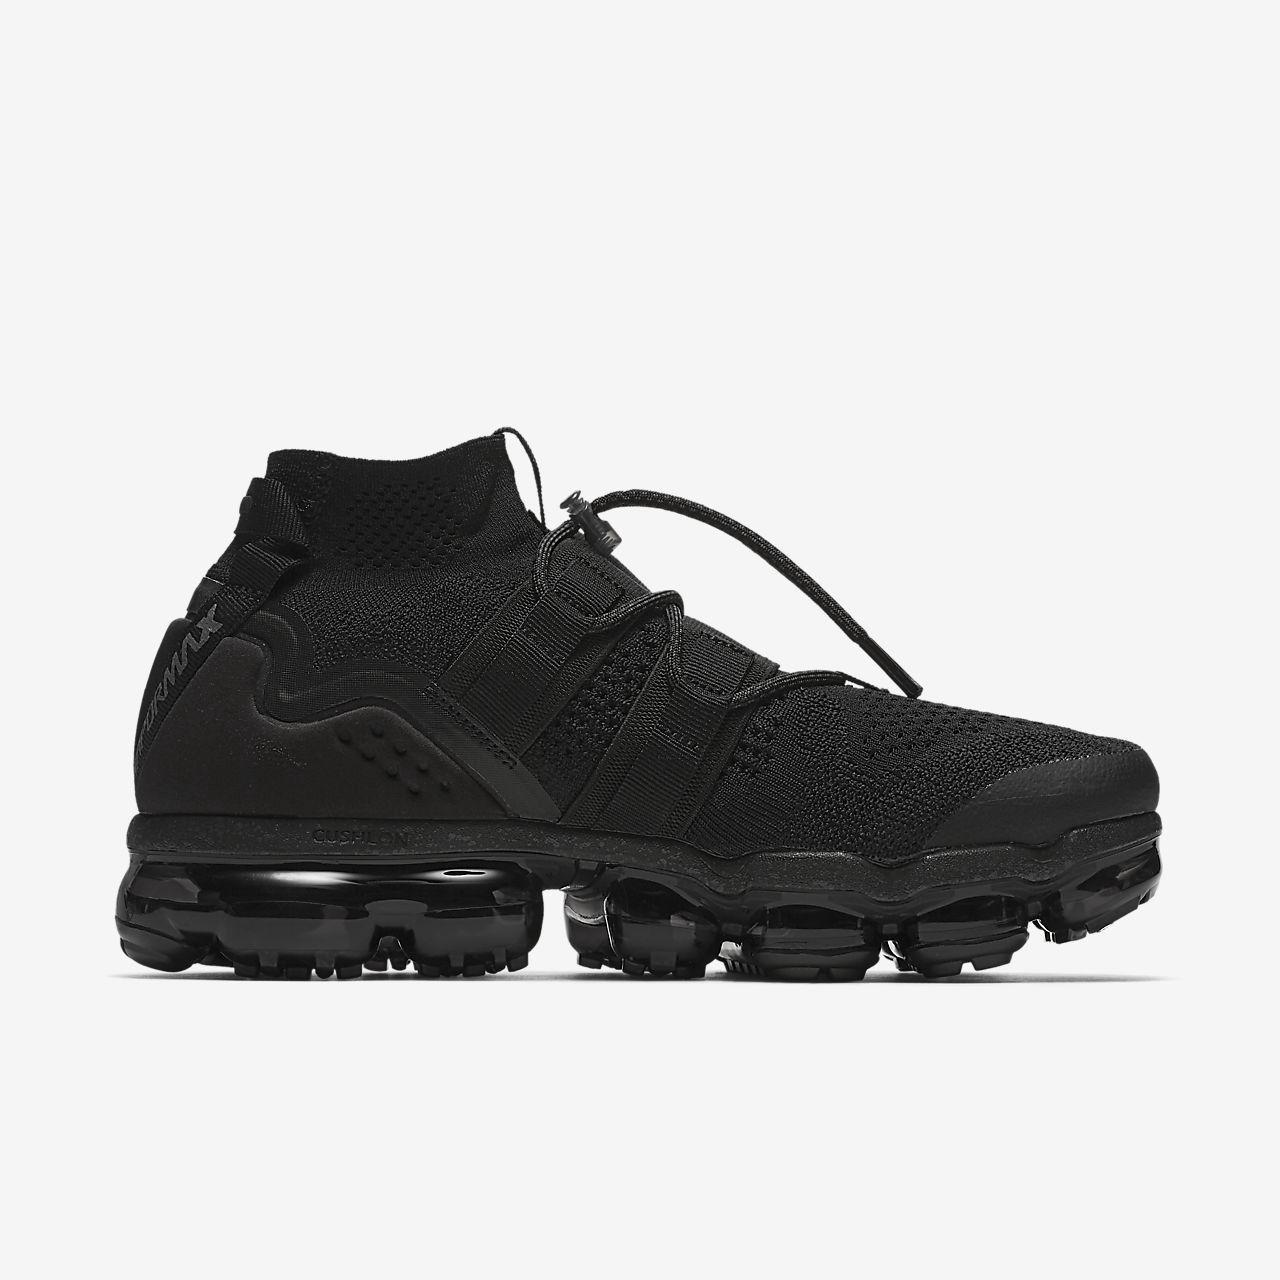 e8f662cc1814 Nike Air Vapormax Flyknit Utility Running Shoe - M 13   W 14.5